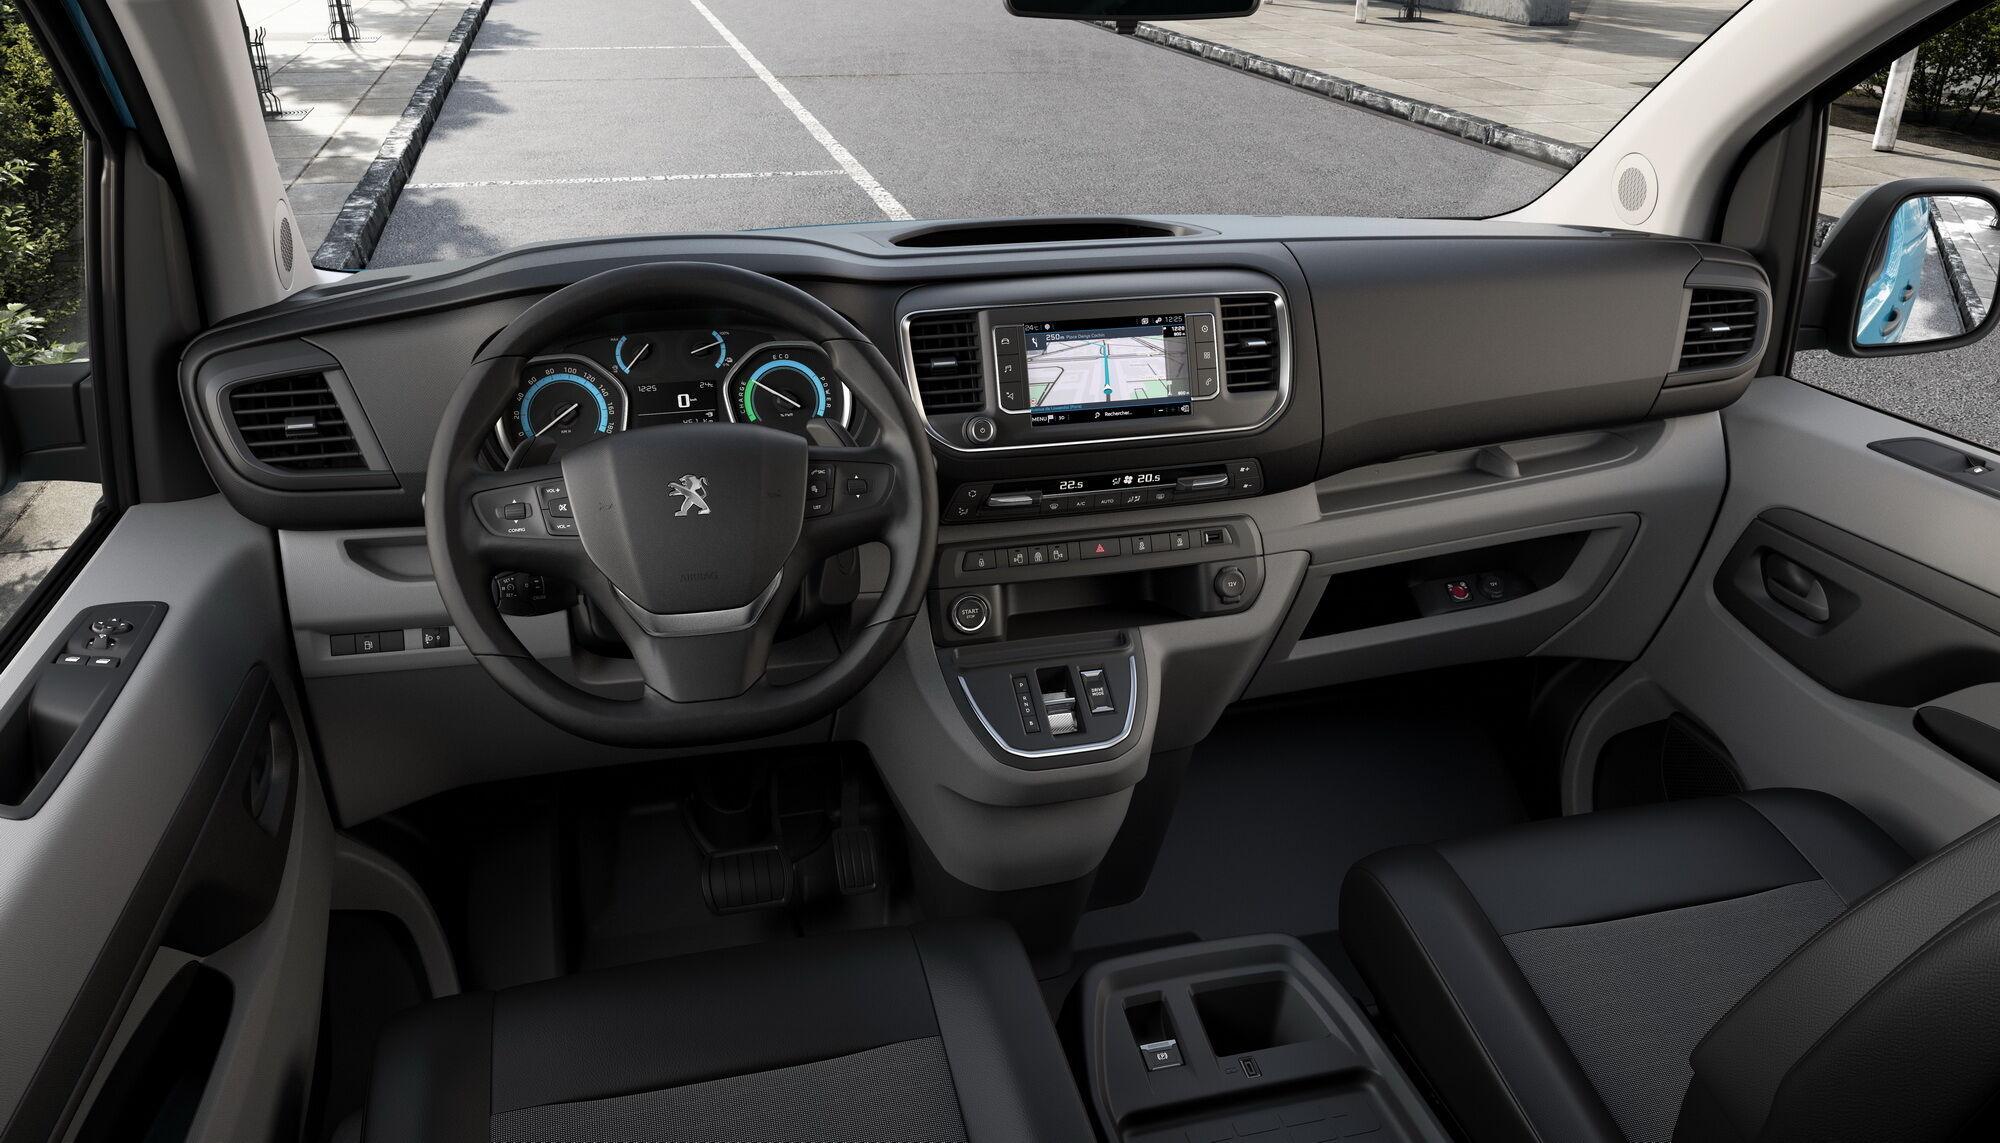 За своїми можливостями водневий фургон нічим не поступається своїм аналогам з ДВС або електричною силовою установкою